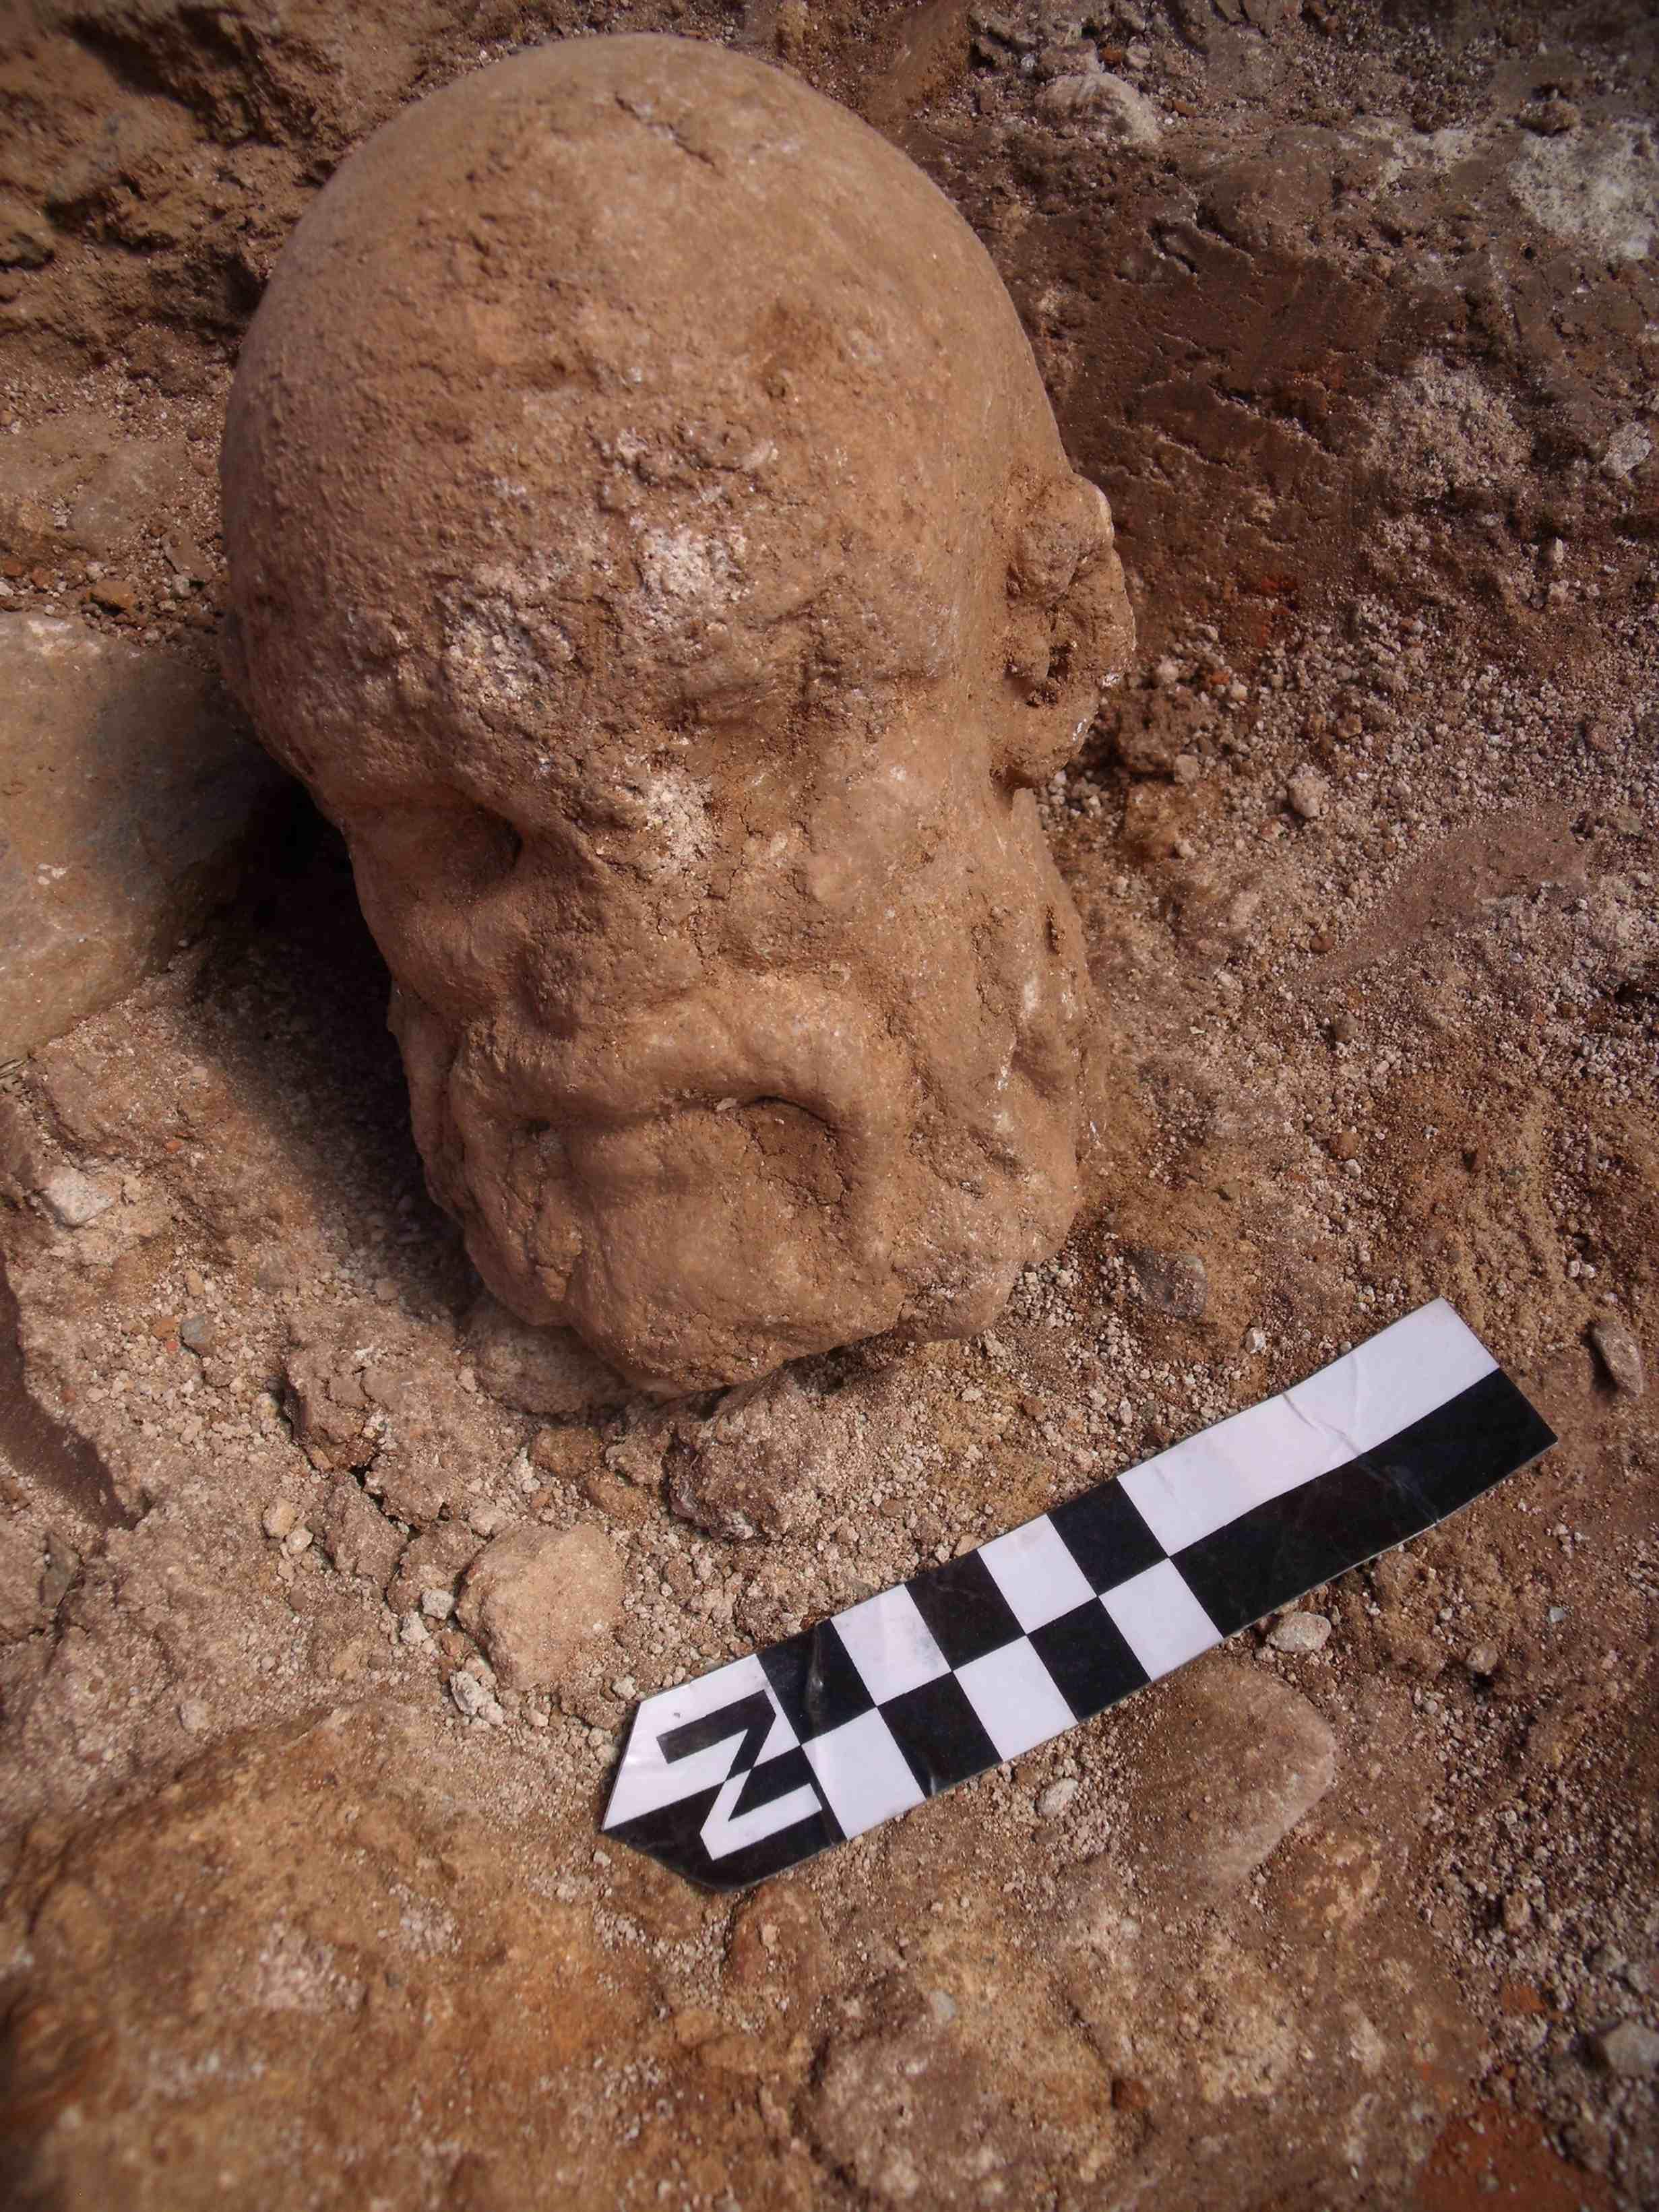 Detall del cap en el lloc de la troballa (Foto: Jordi Ardiaca, CODEX)